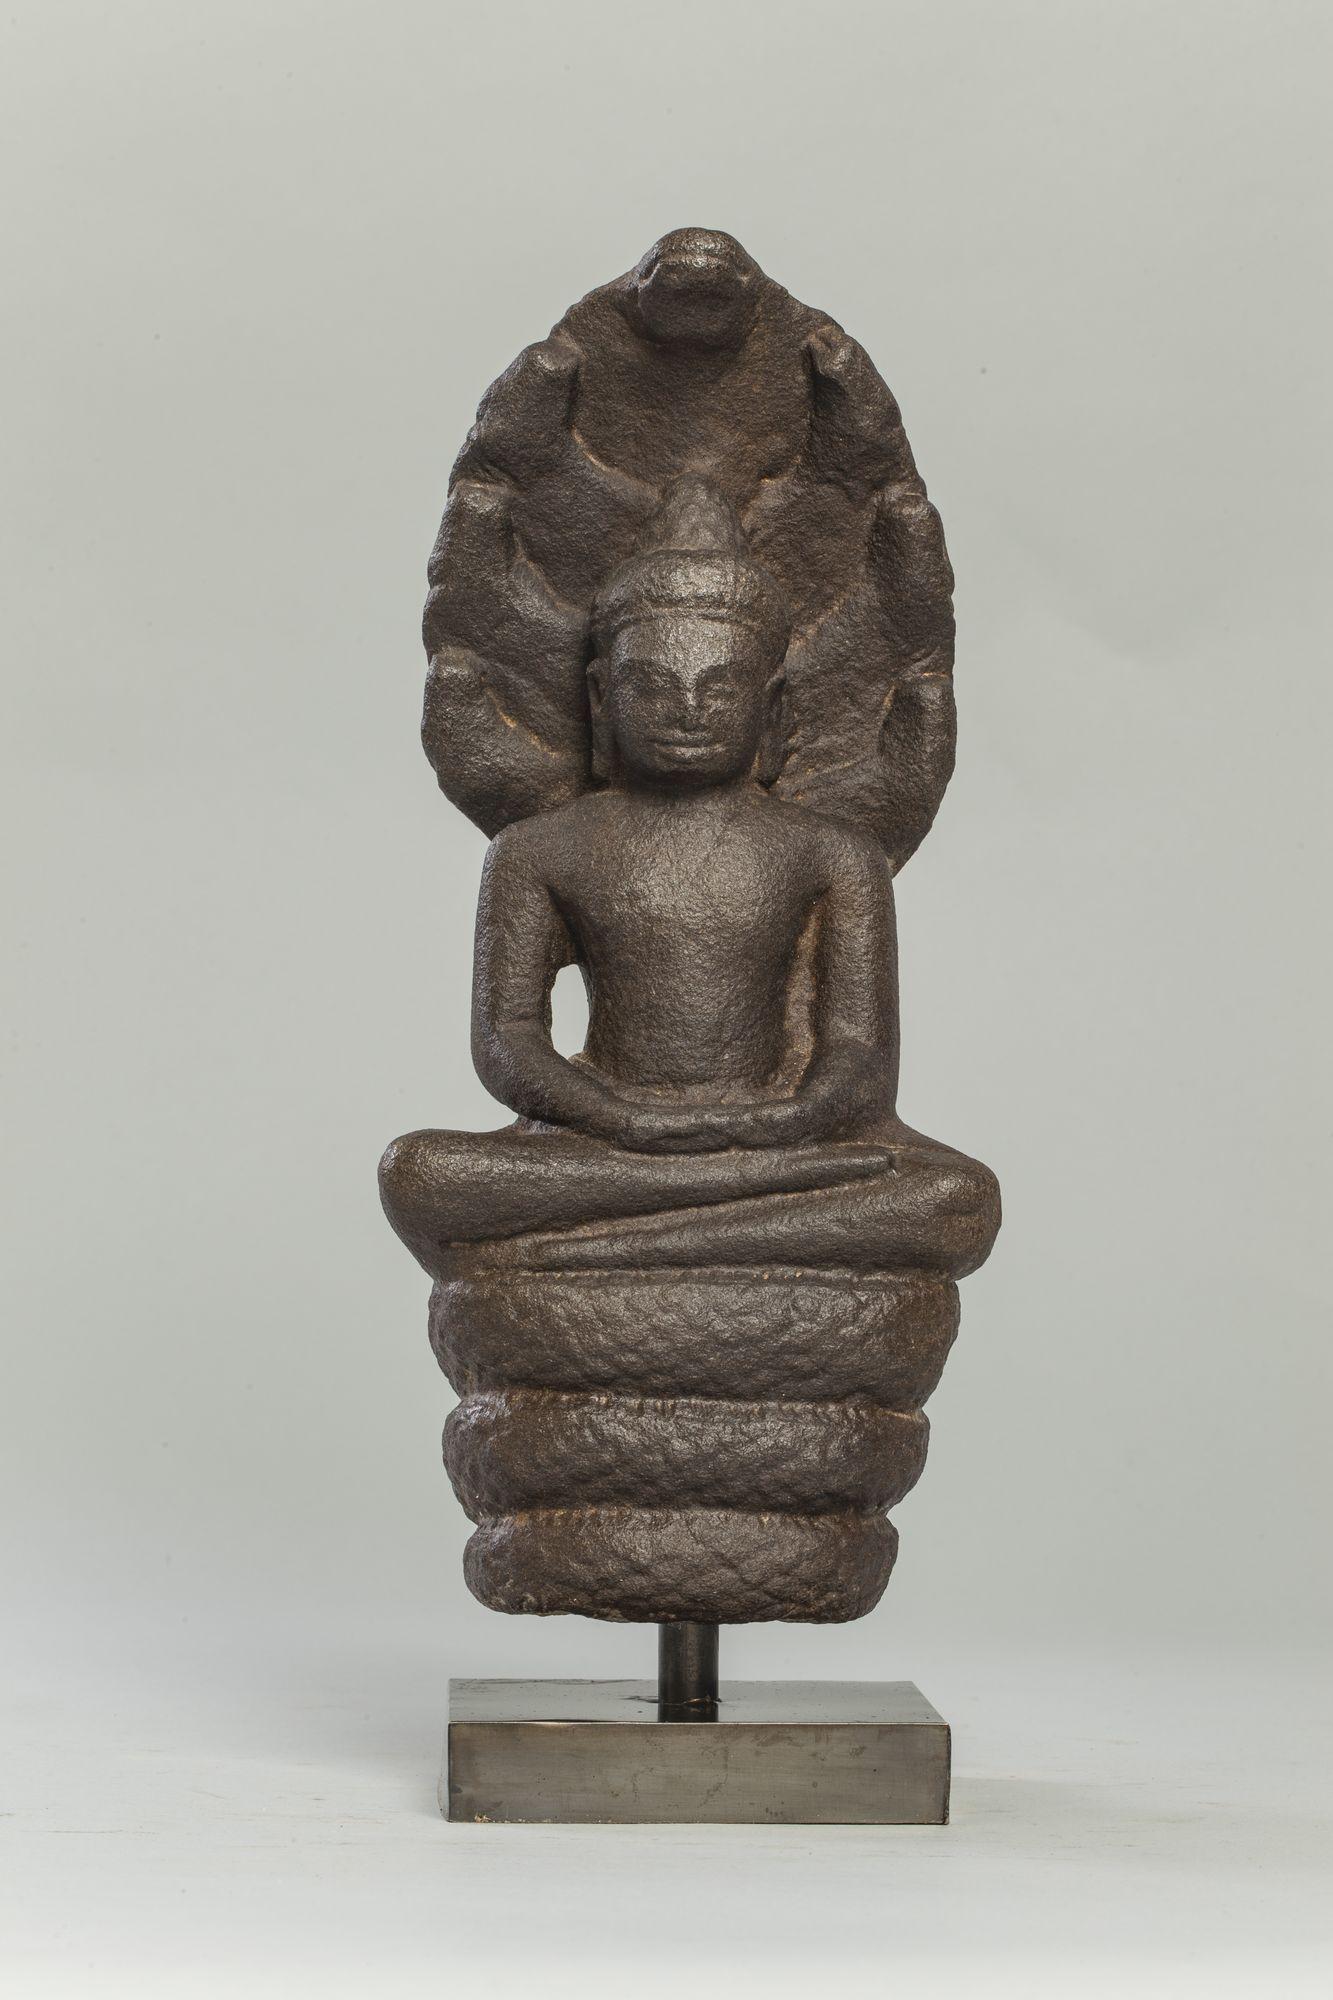 Bouddha Mucilinda assis en méditation sur le corps du Naga sept acéphale déployant son chaperon pour le protéger du déluge. Pierre grès gris. Site du Bayon. Khmer. Cambodge. 12 ème à 13 ème siècle. Ht 30cm x larg 13 cm